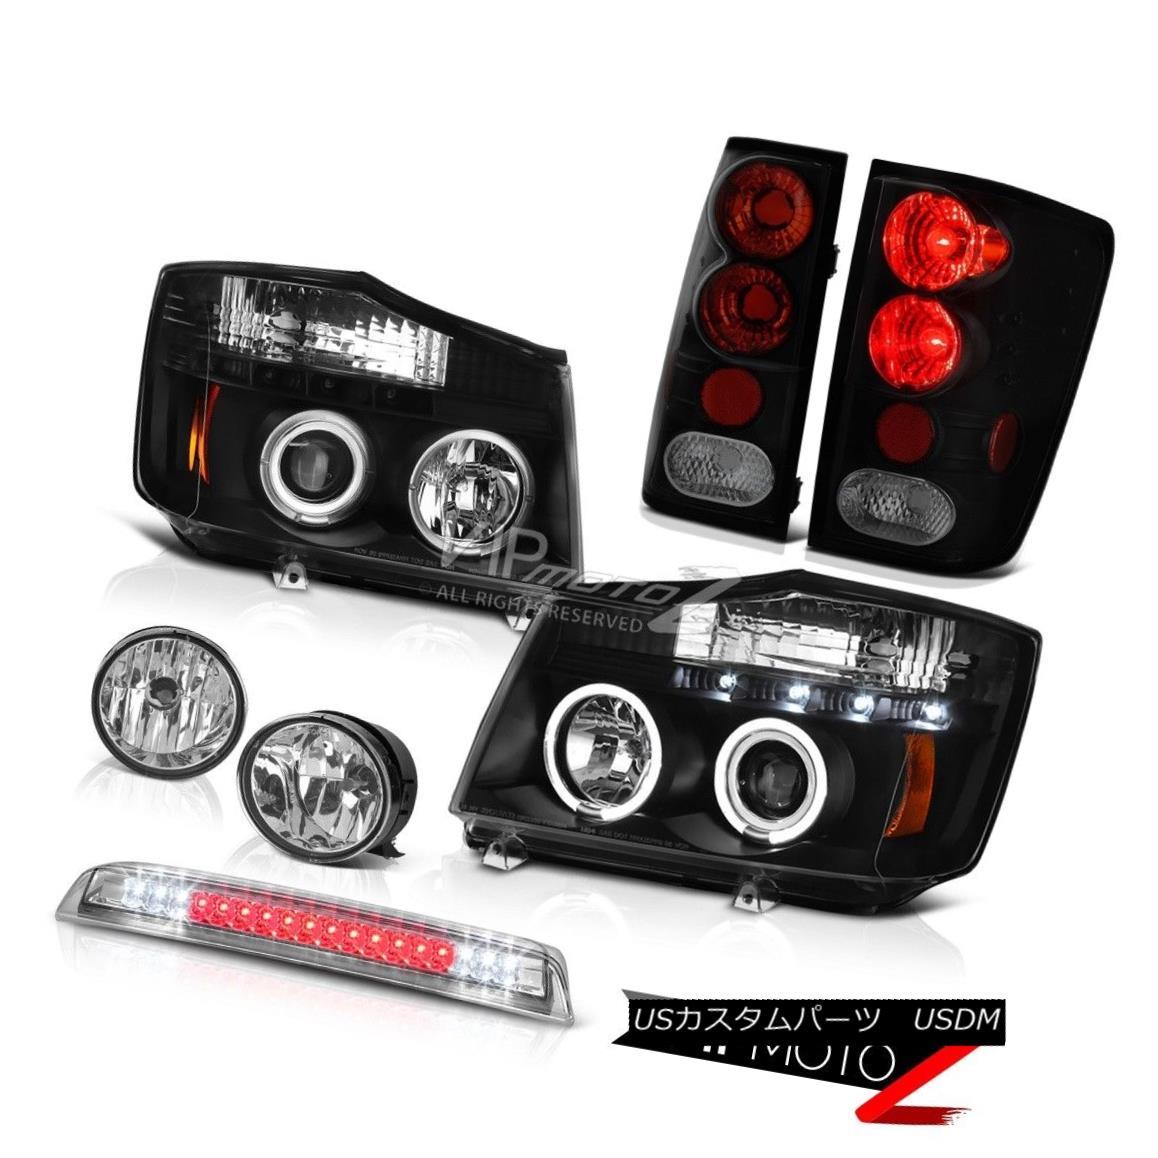 ヘッドライト Black LED Headlight Rear Tail Driving Fog Roof Stop Clear For 2004-2015 Titan ブラックLEDヘッドライトリアテールは、2004年?2015年のタイタンで霧の屋根を止めています